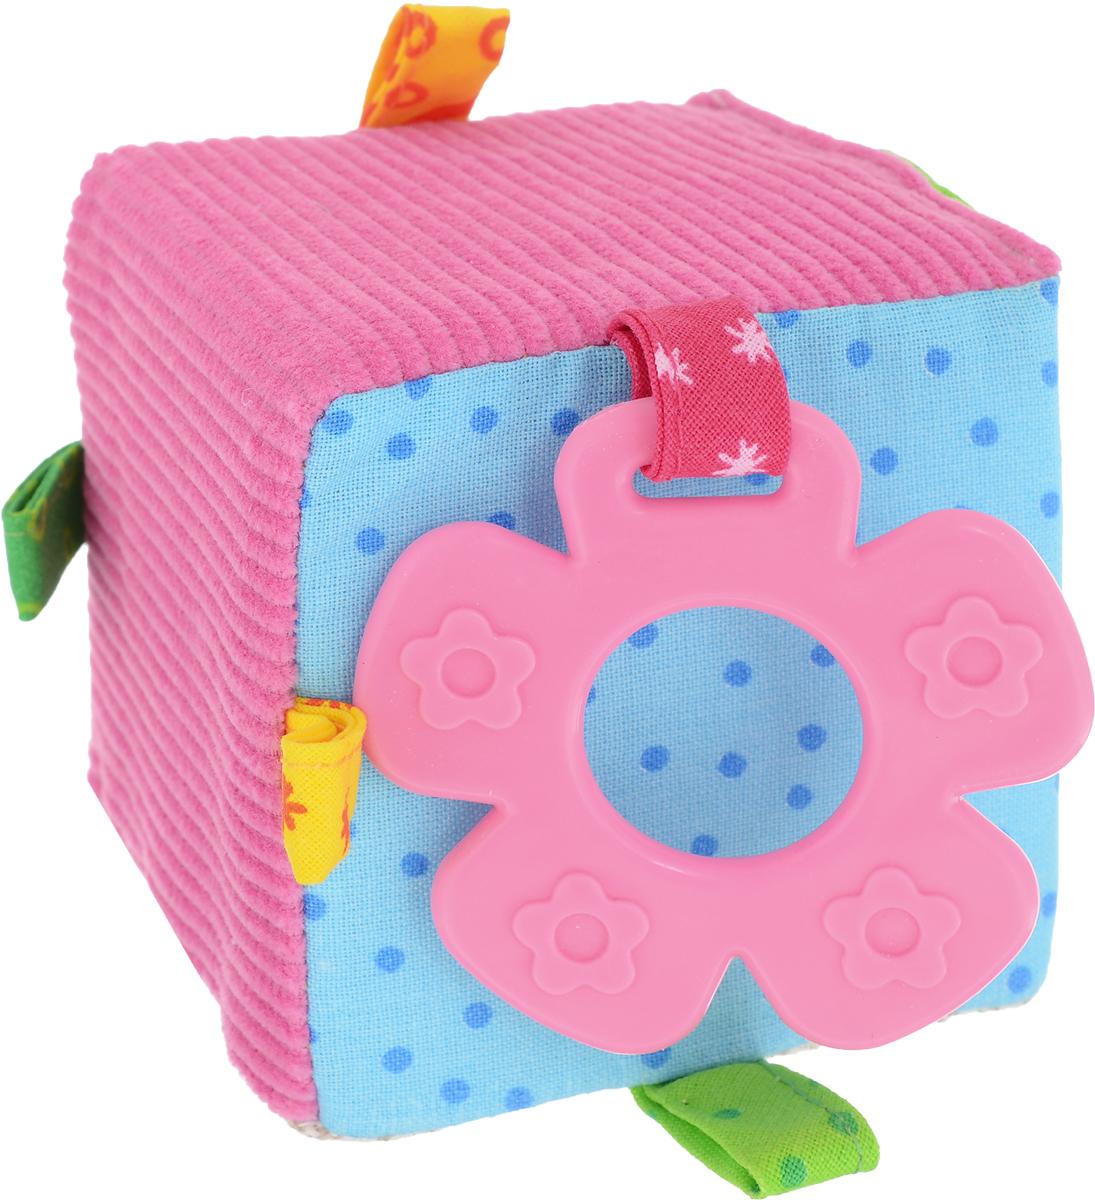 Мякиши Развивающая игрушка ЭкоМякиши Кубик цвет розовый голубой развивающая игрушка мякиши мой зайчик цвет серый белый розовый